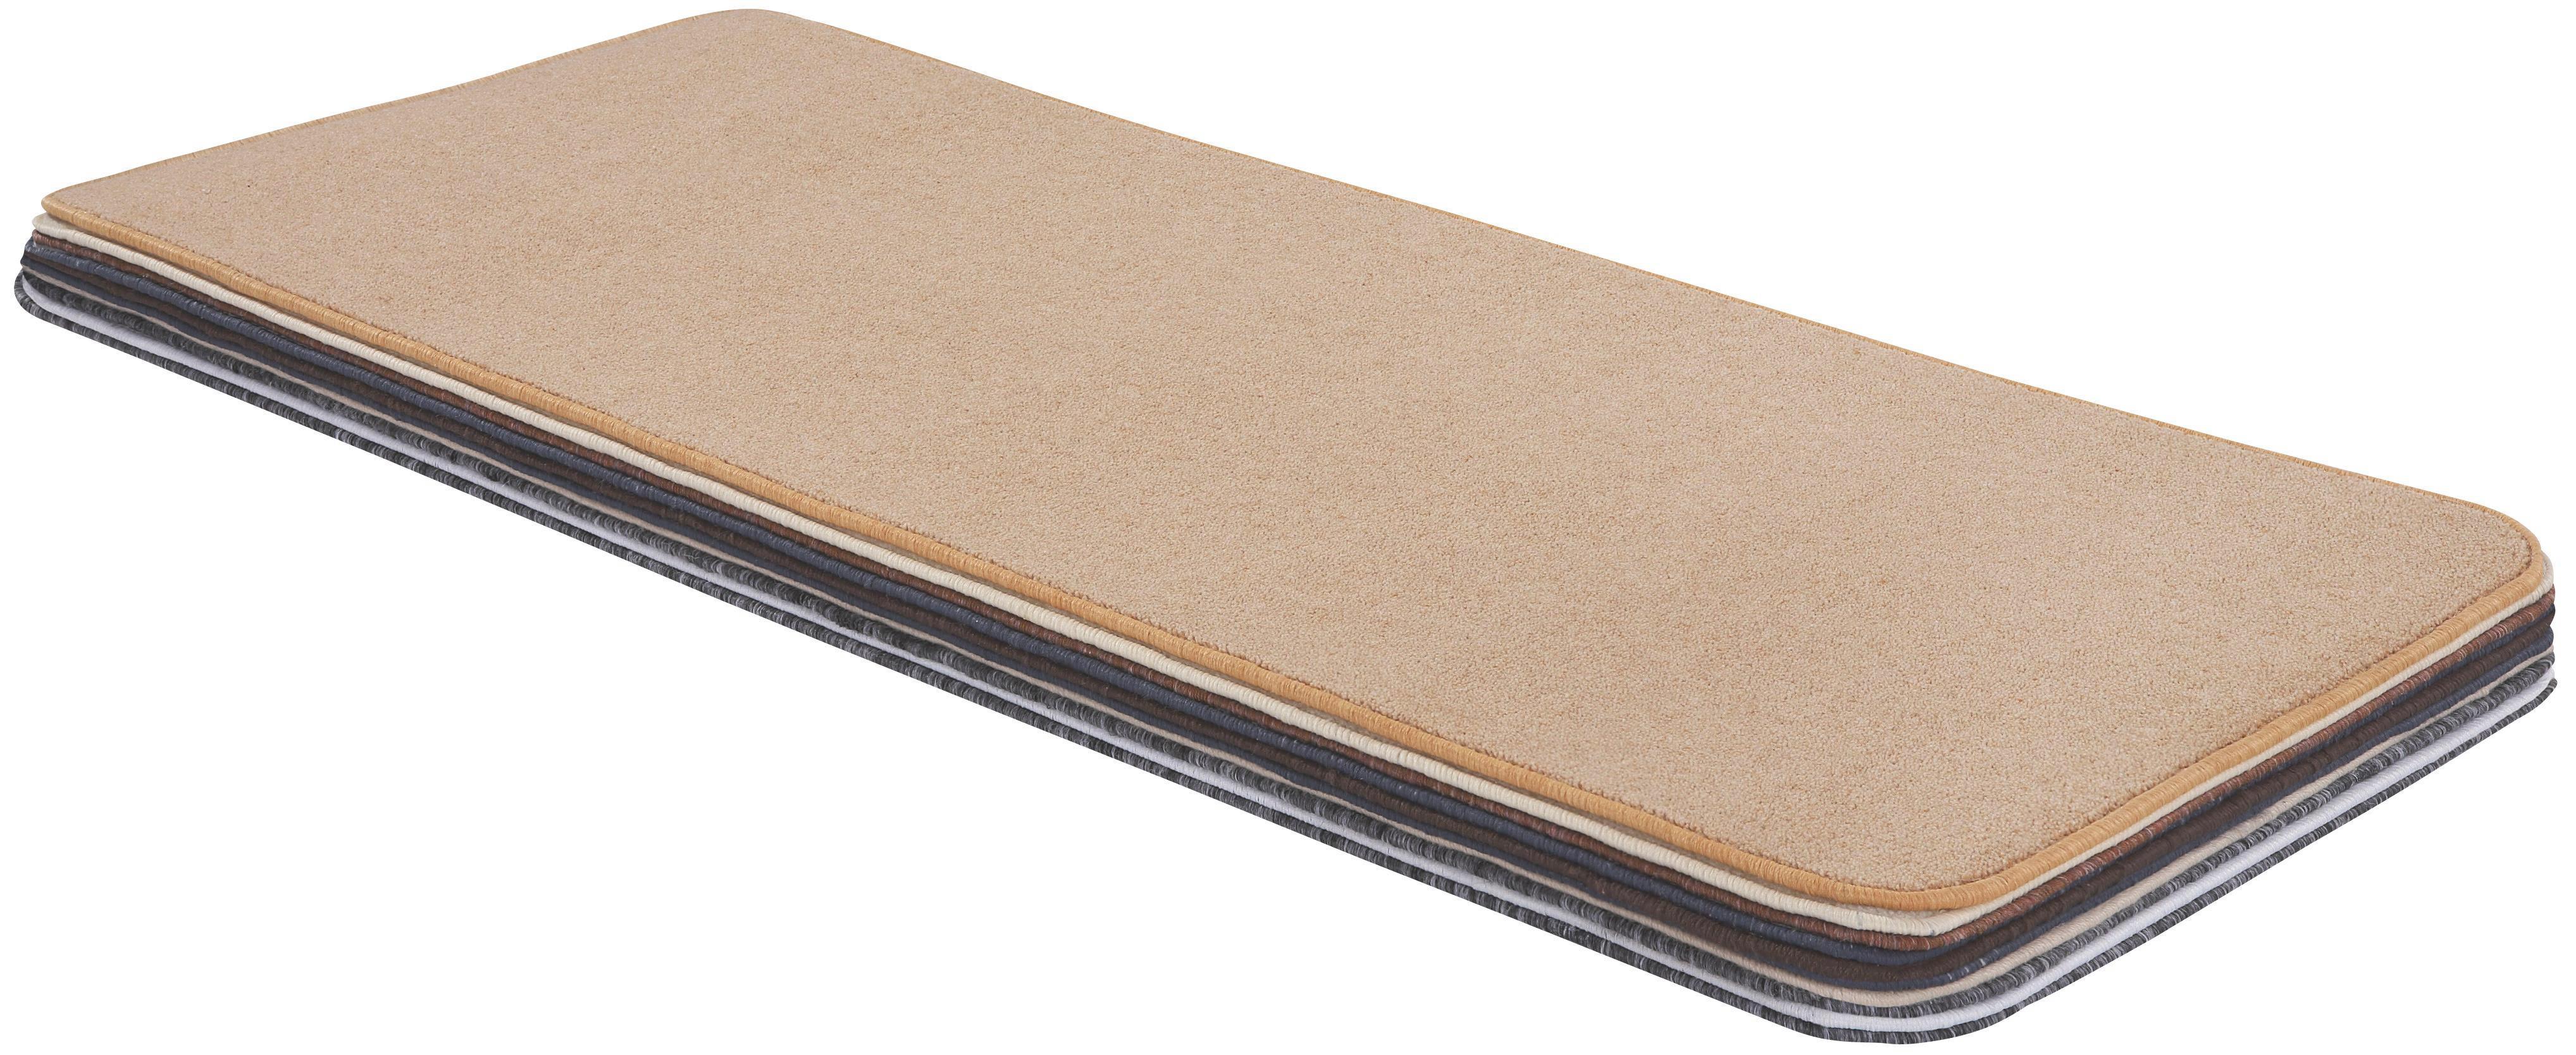 Tuftteppich Gekettelt - KONVENTIONELL, Textil (70/170cm)